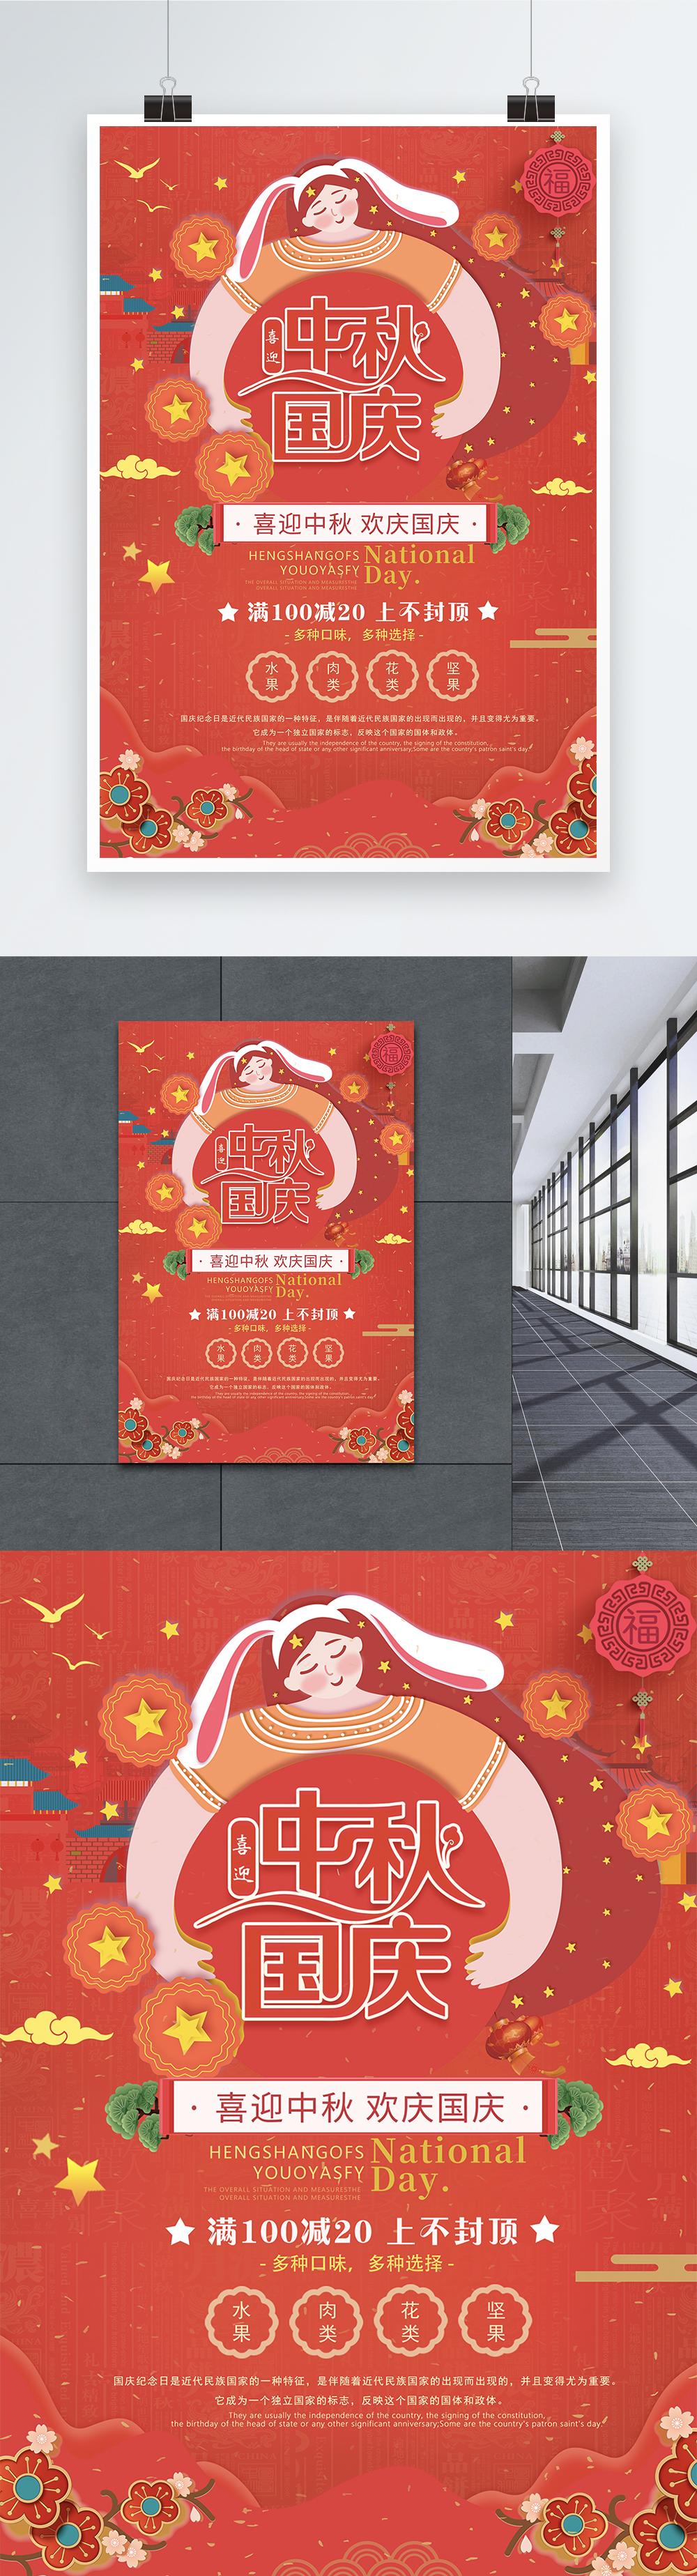 邮票风中秋节海报图片素材编号400324878_prf高清图片